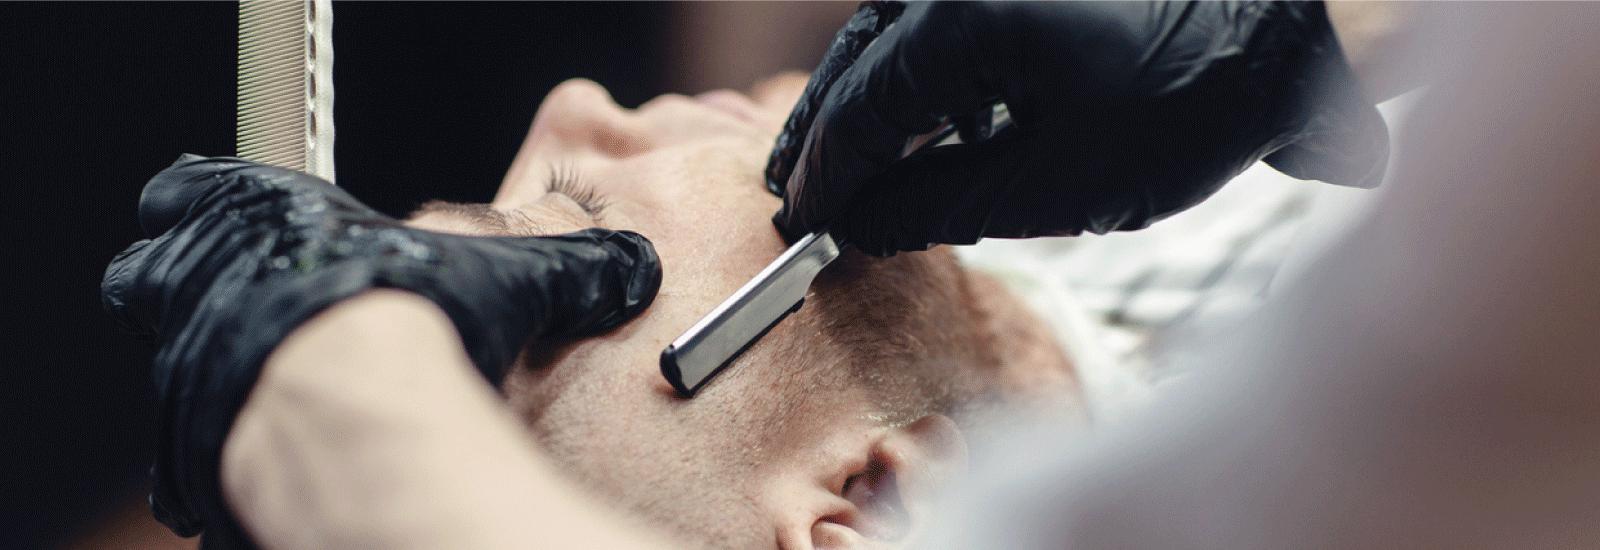 Dyess AFB Barber Shops